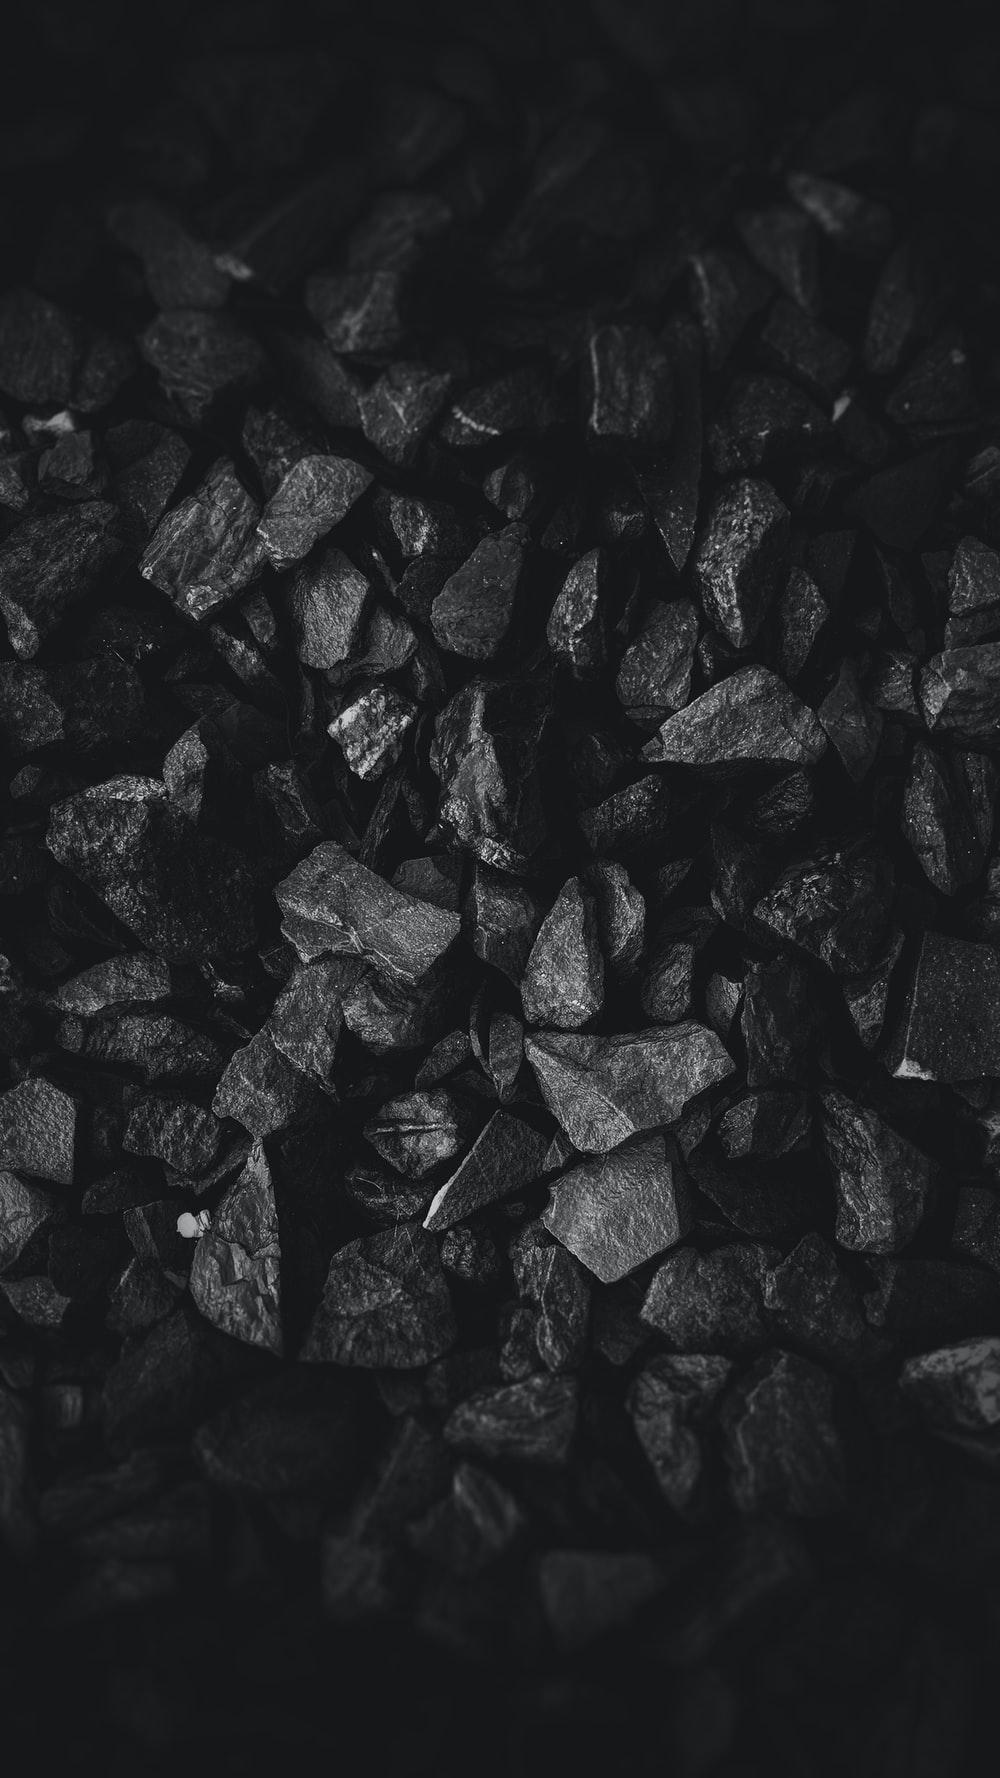 900 Black Background Images Download HD Backgrounds on Unsplash 1000x1778